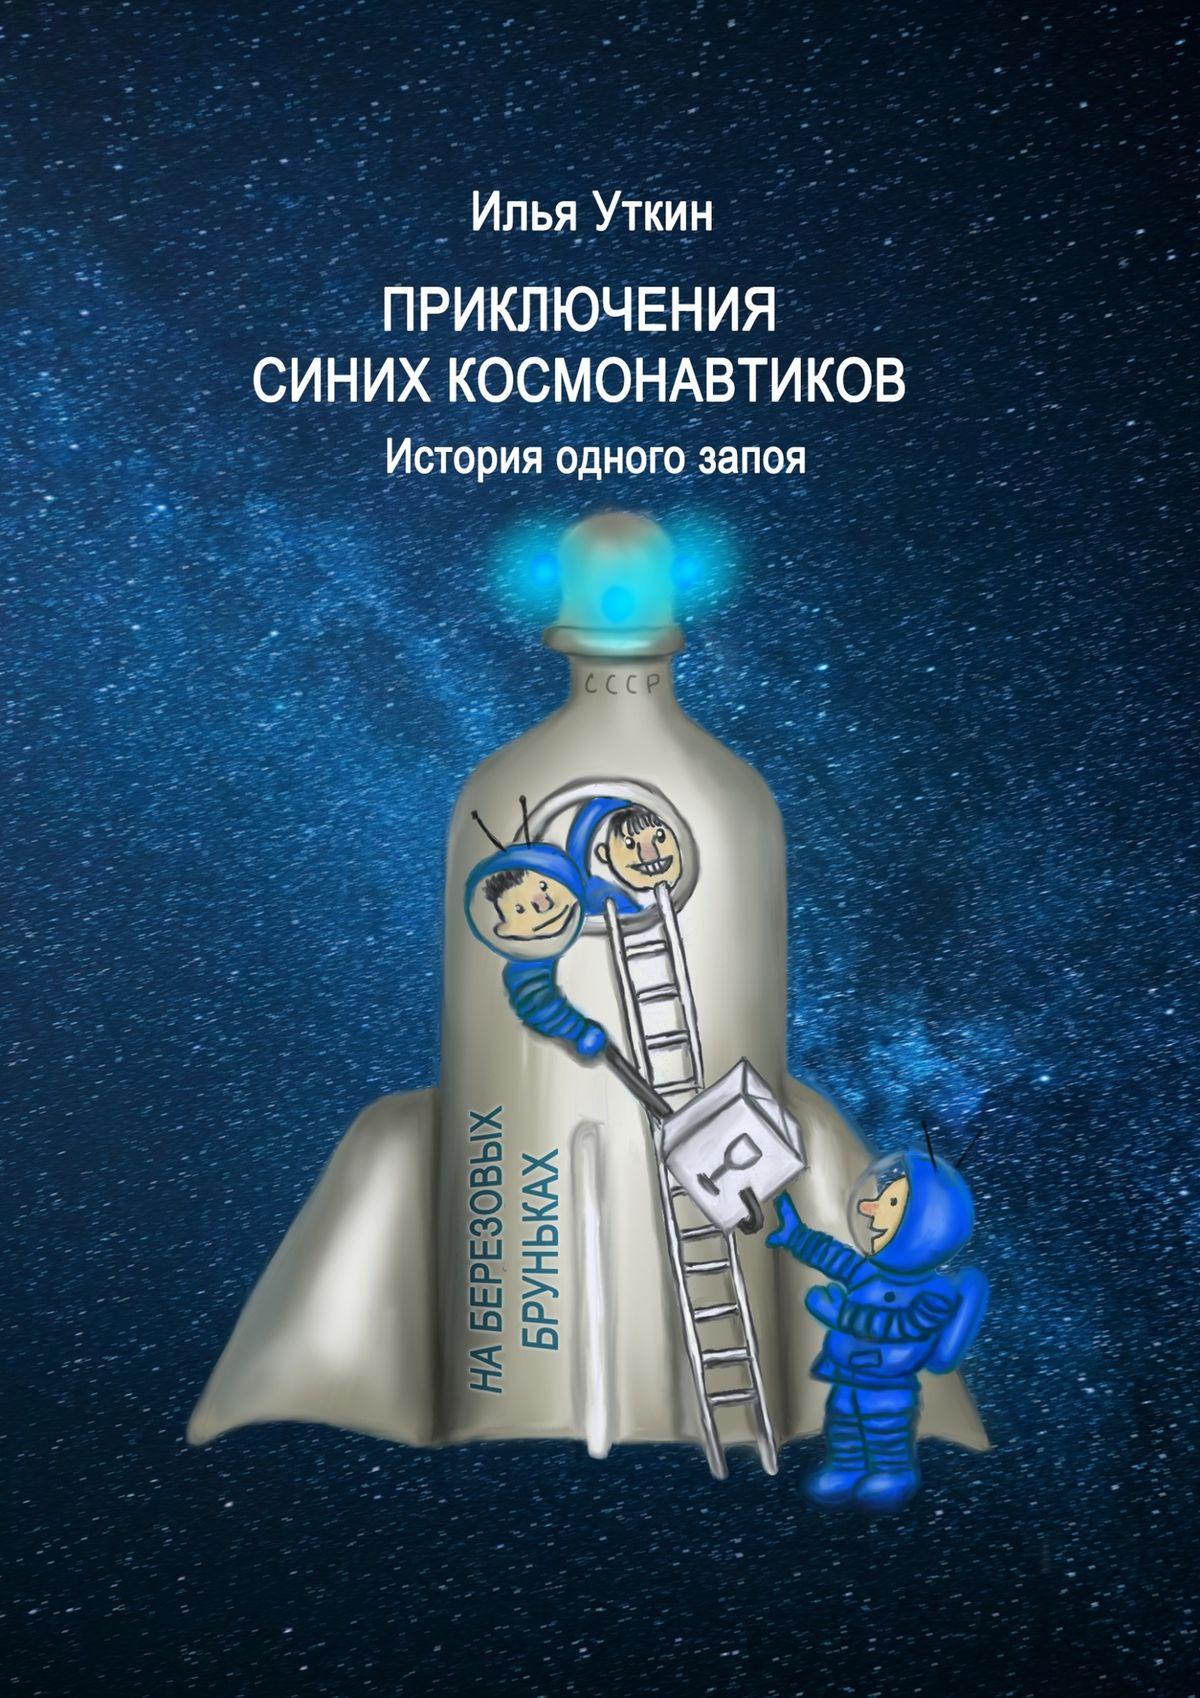 Приключения Синих Космонавтиков. История одного запоя